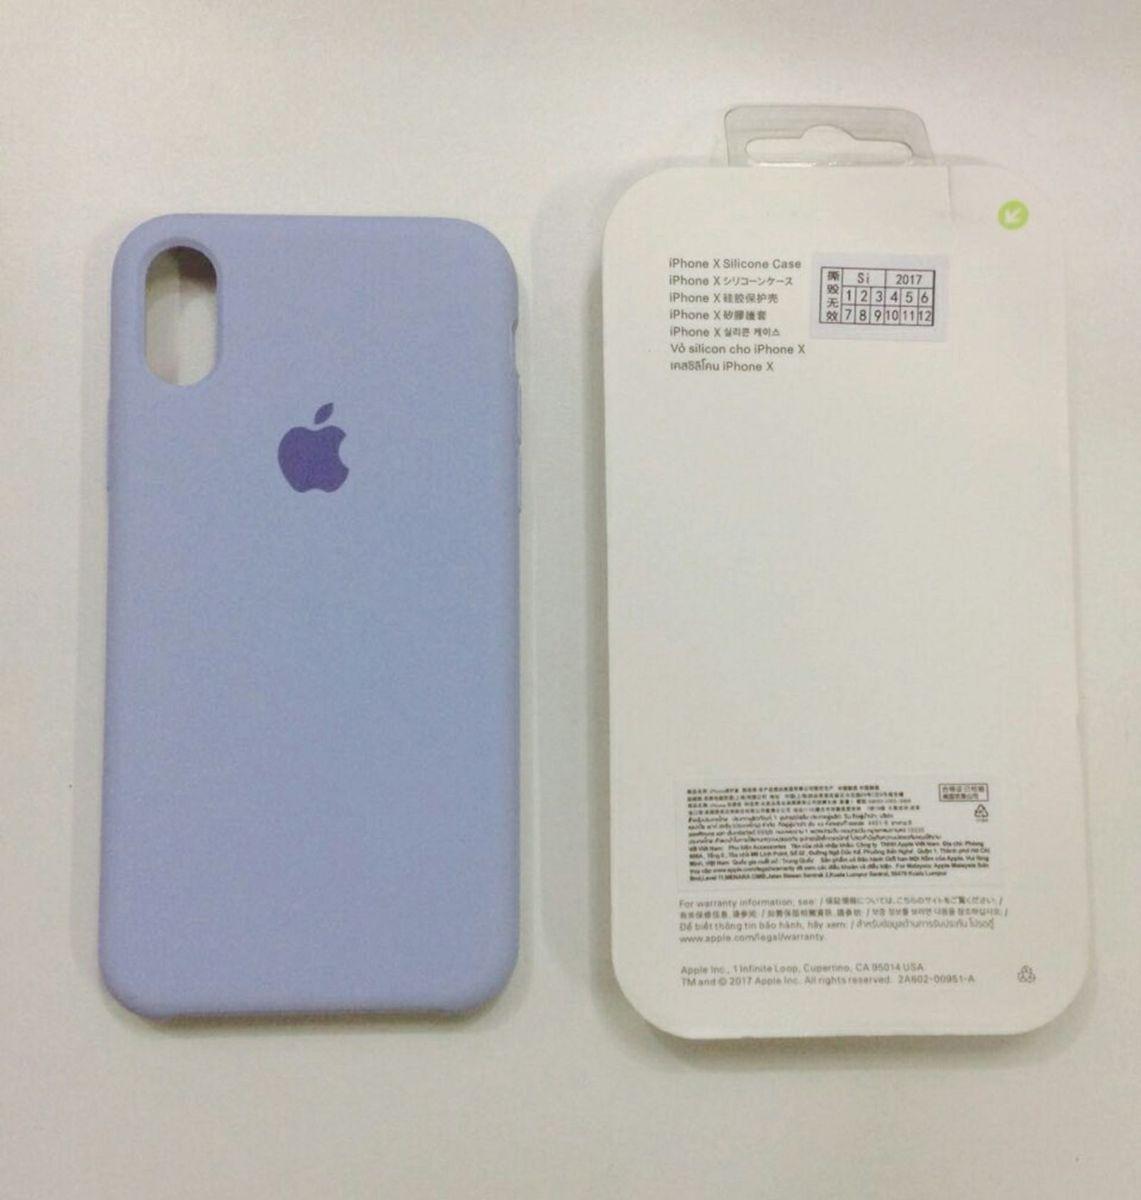 capinha de celular de silicone apple iphone x roxa com veludo dentro - iphone  apple 1b50ce0be9